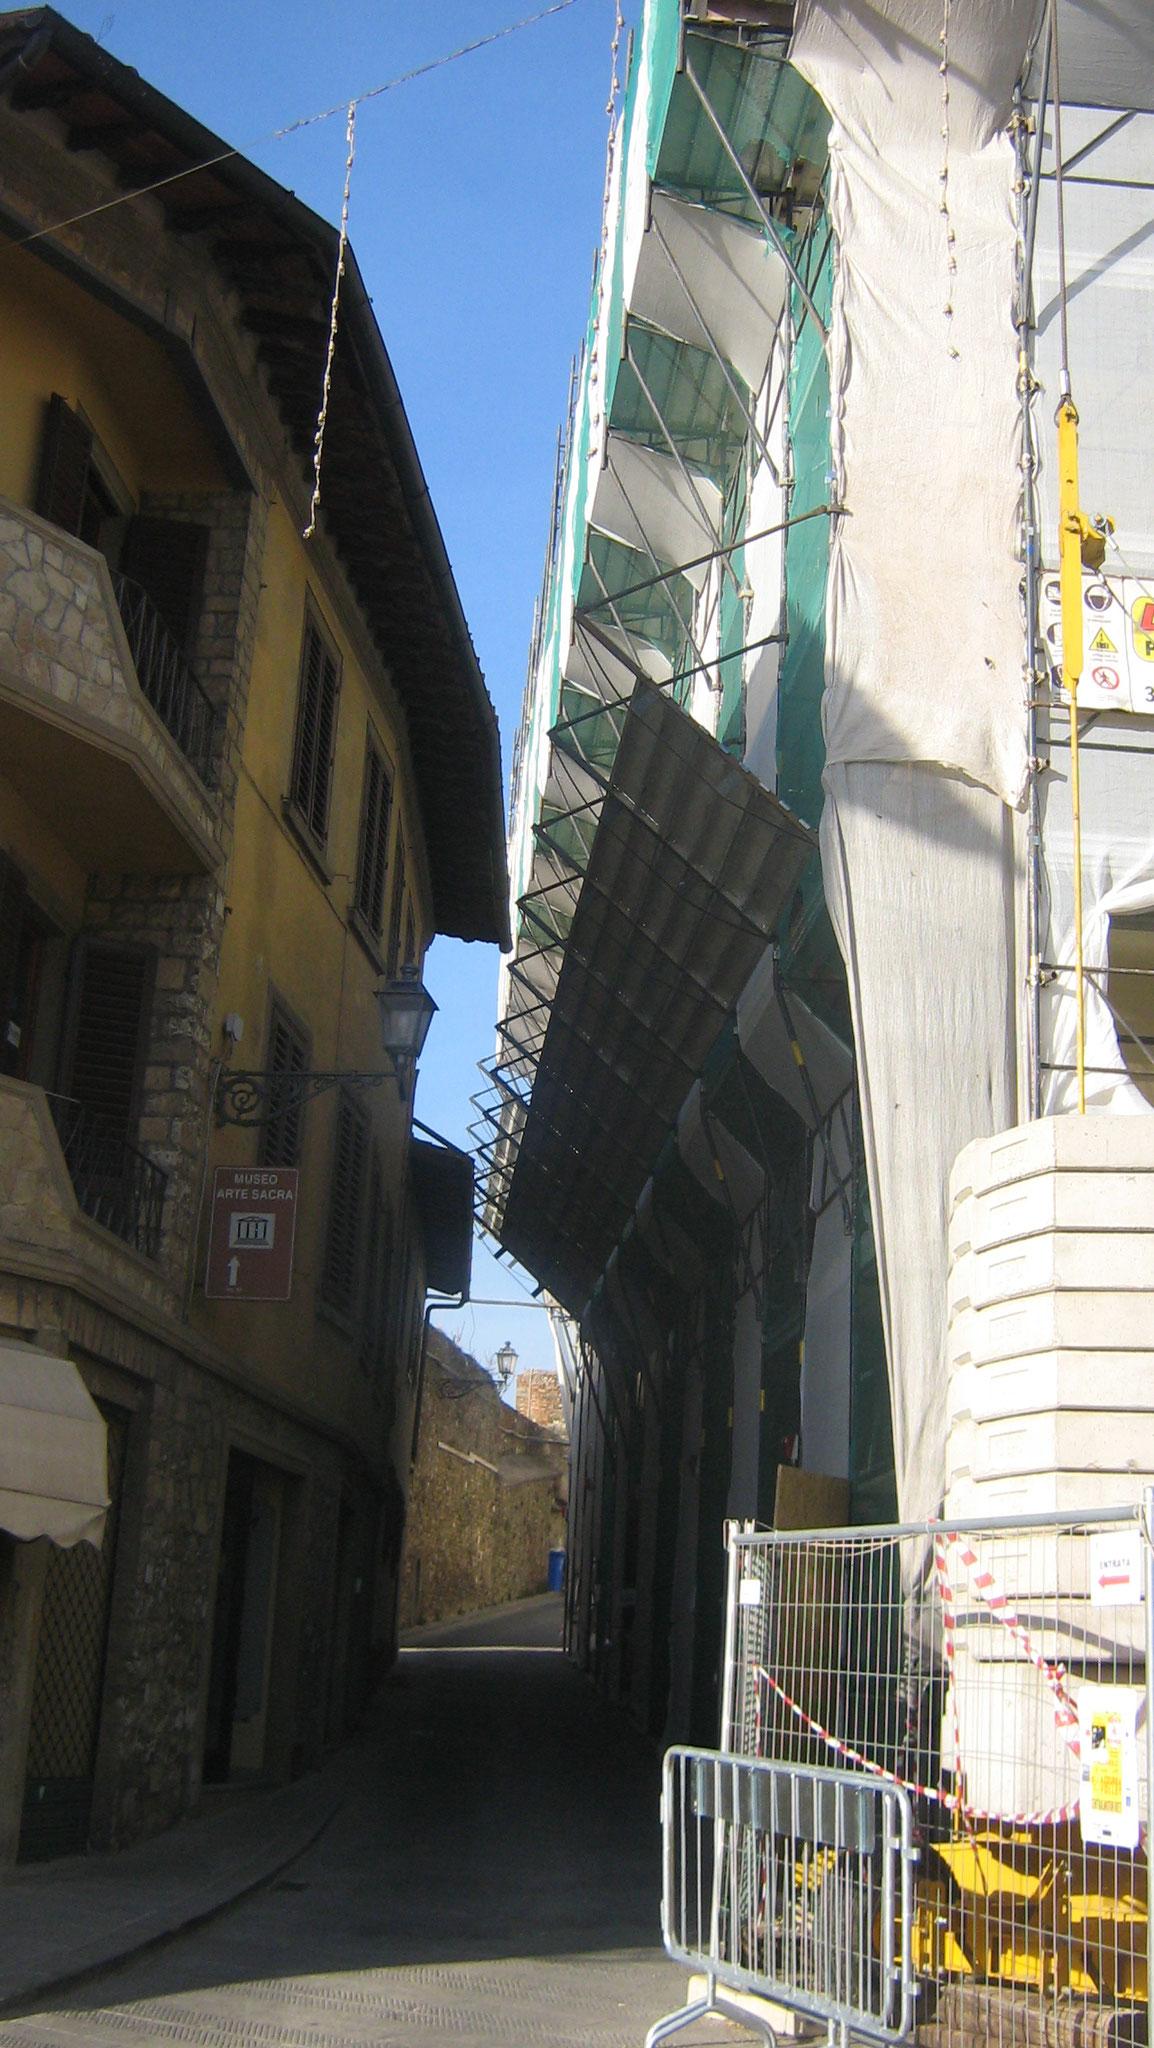 COMUNE DI SAN CASCIANO VAL DI PESA - Lavori di manutenzione straordinaria della copertura del Palazzo Comunale.